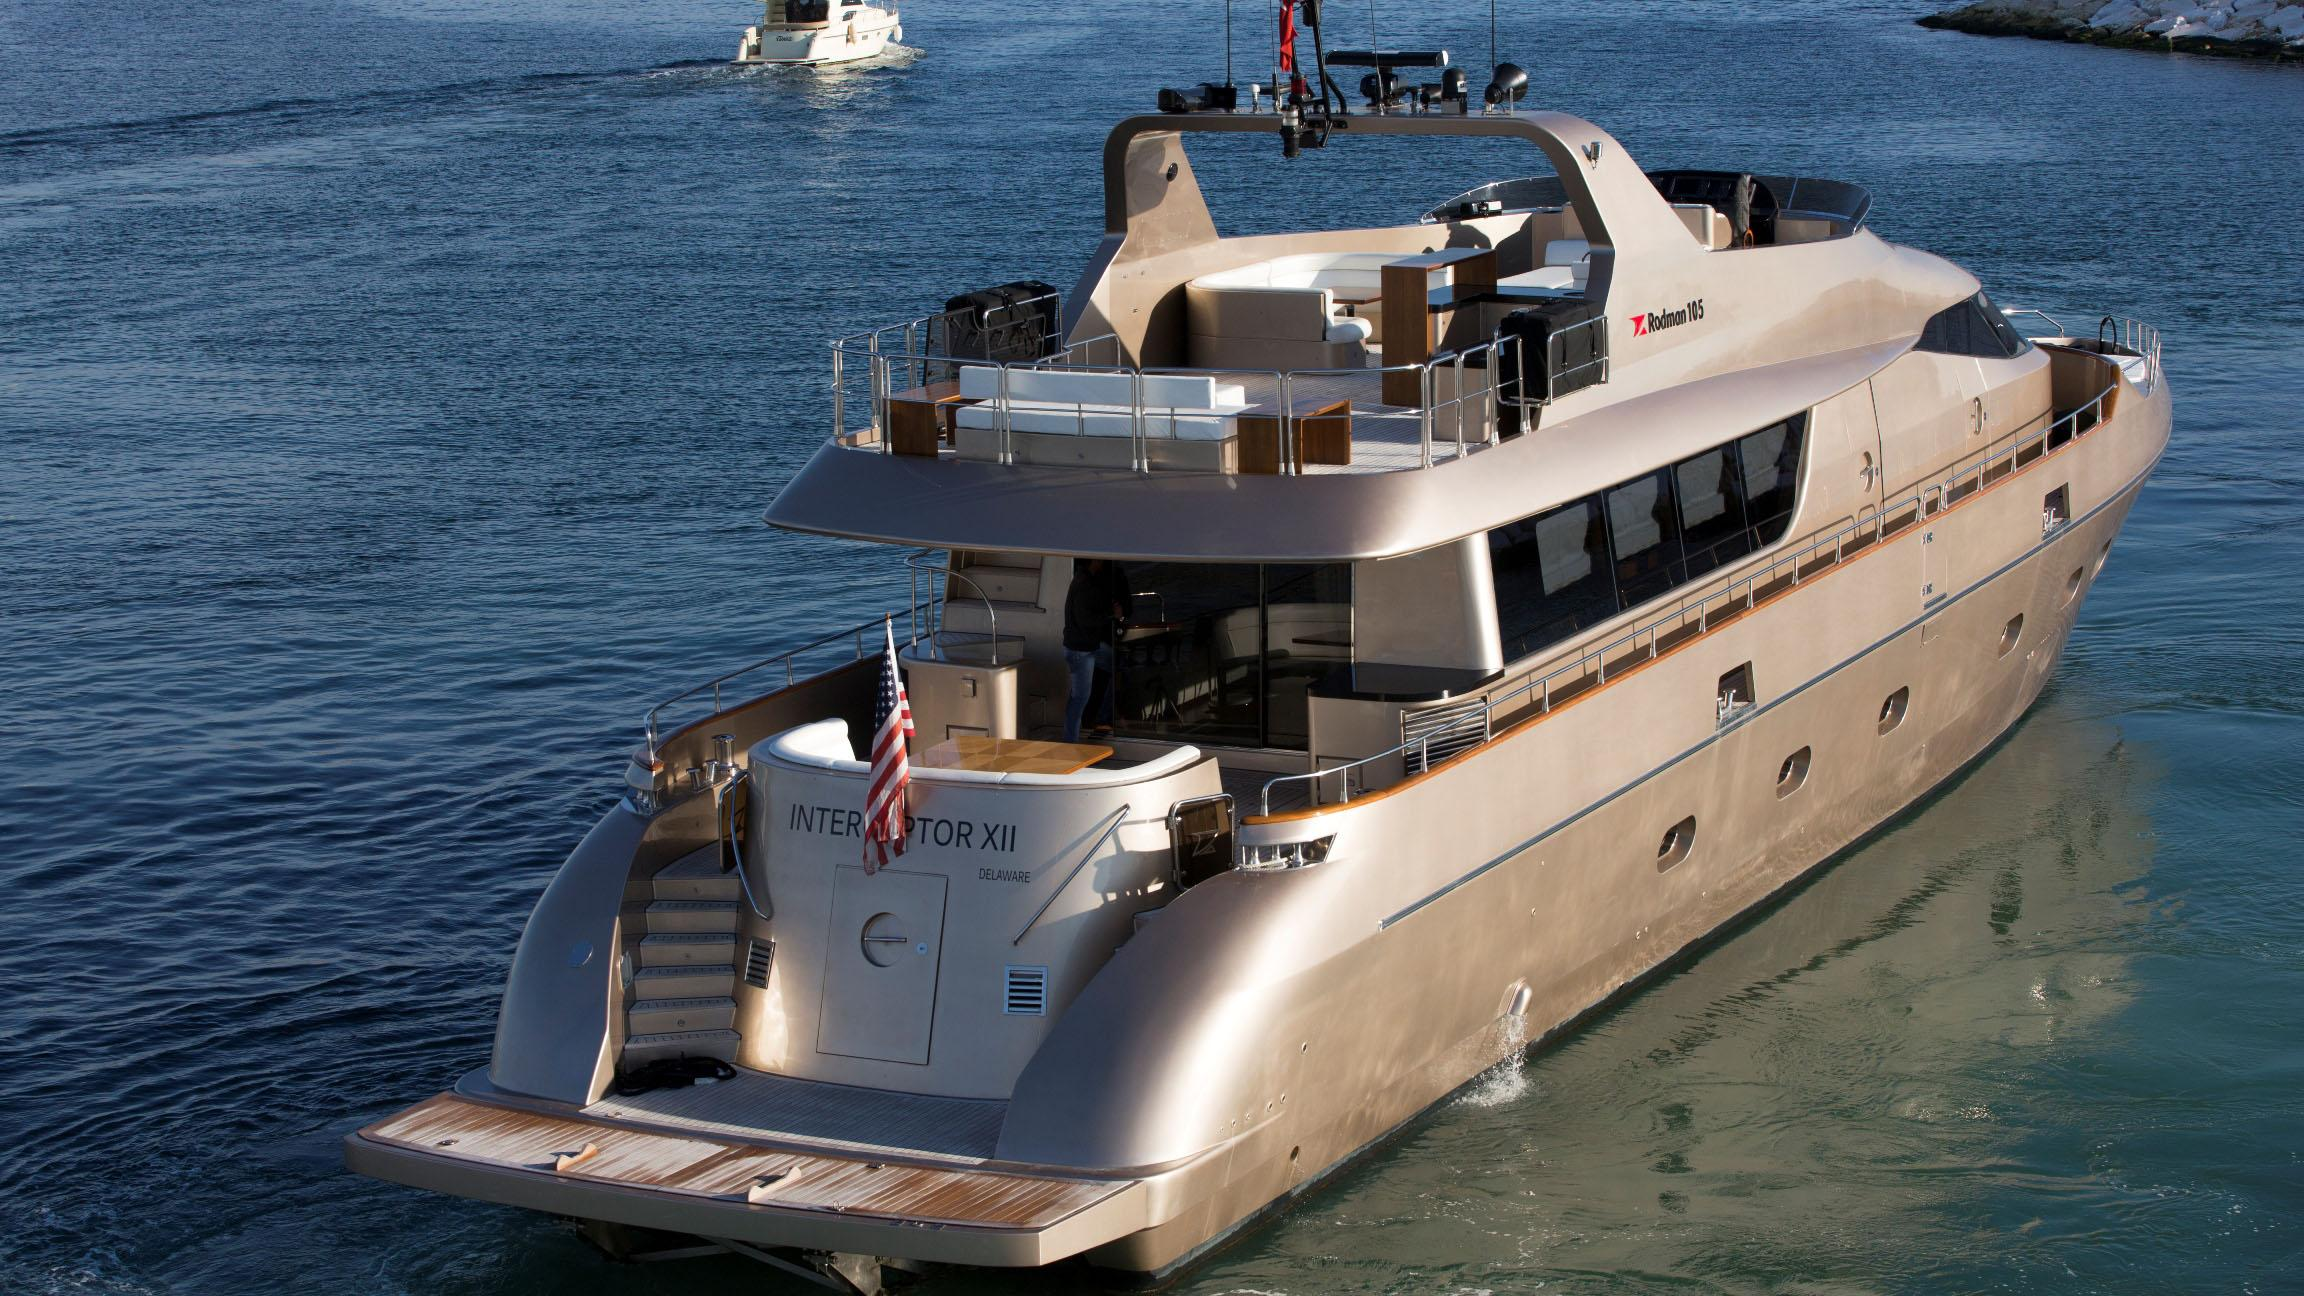 interceptor-xii-yacht-aerial